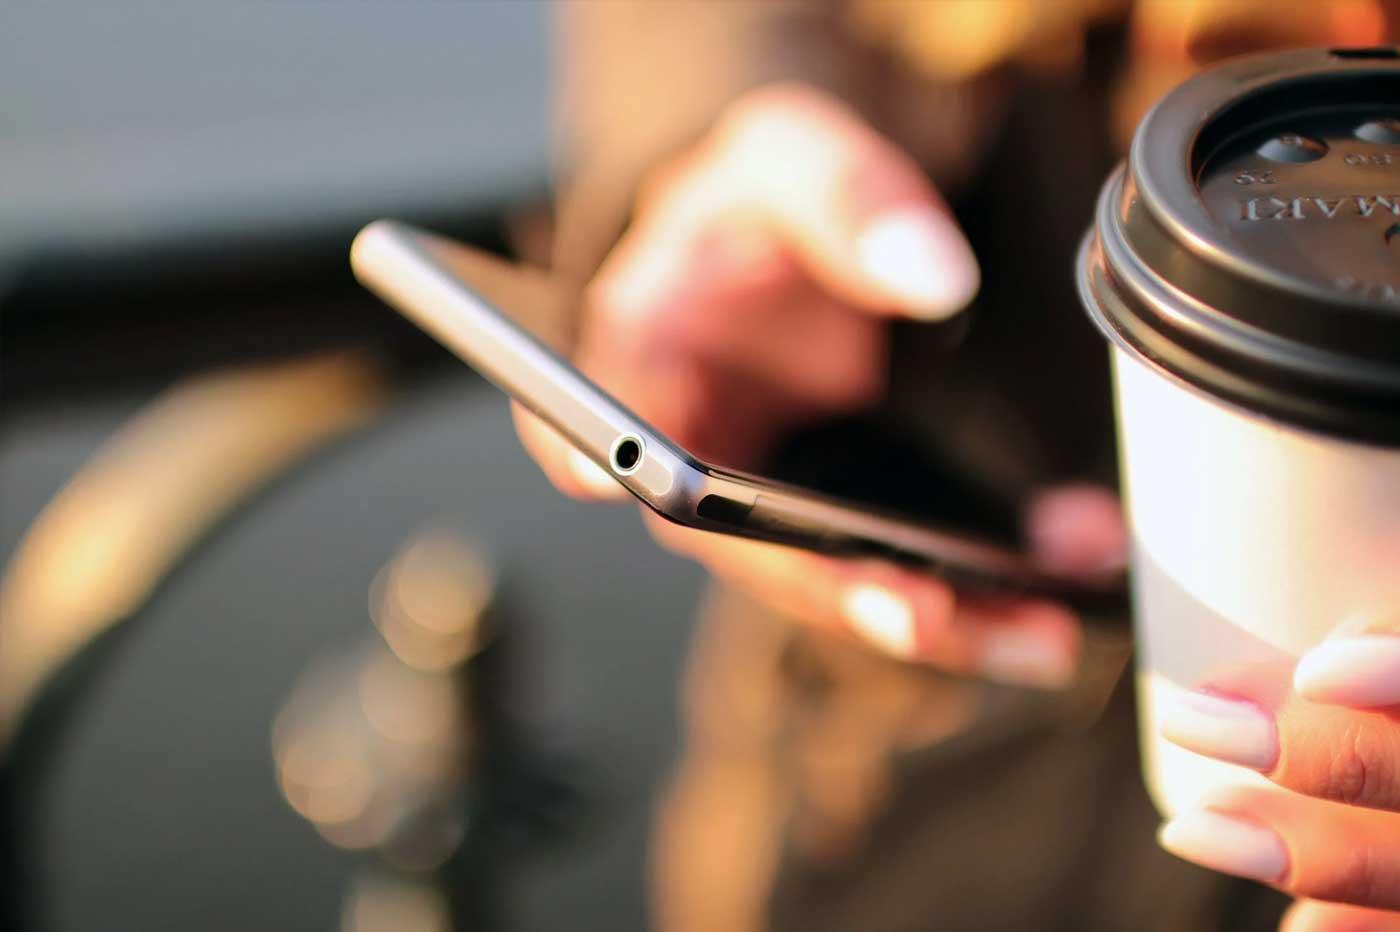 Forfait mobile : une offre choc à 3,99€ ce week-end (Orange et SFR) 🔥 - Presse-citron